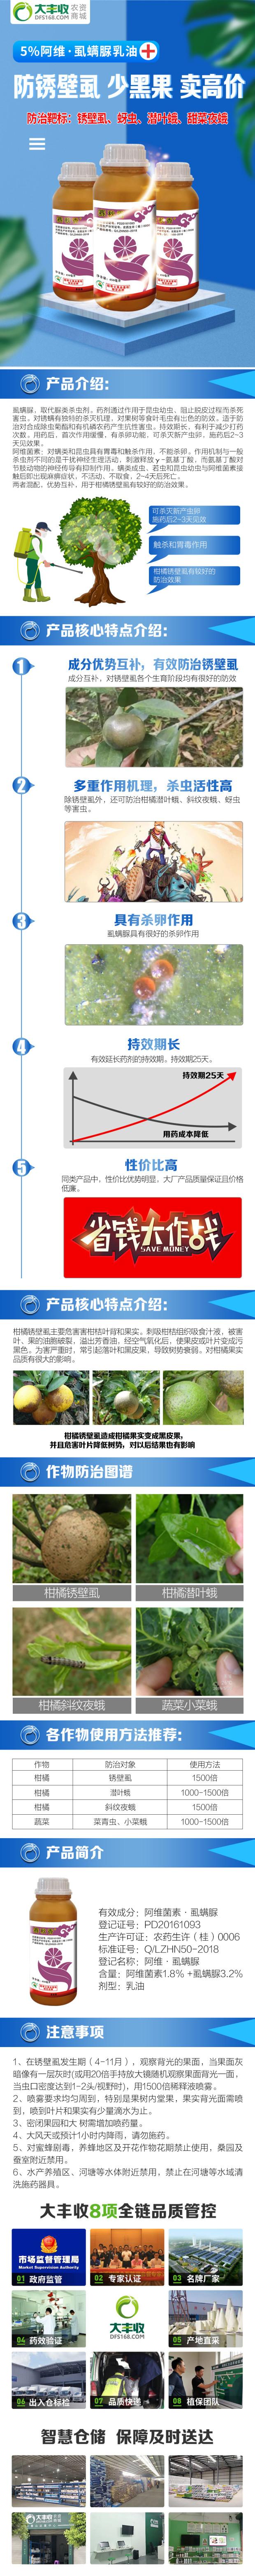 柳州惠农赛秋香5%阿维·虱螨脲商详.jpg